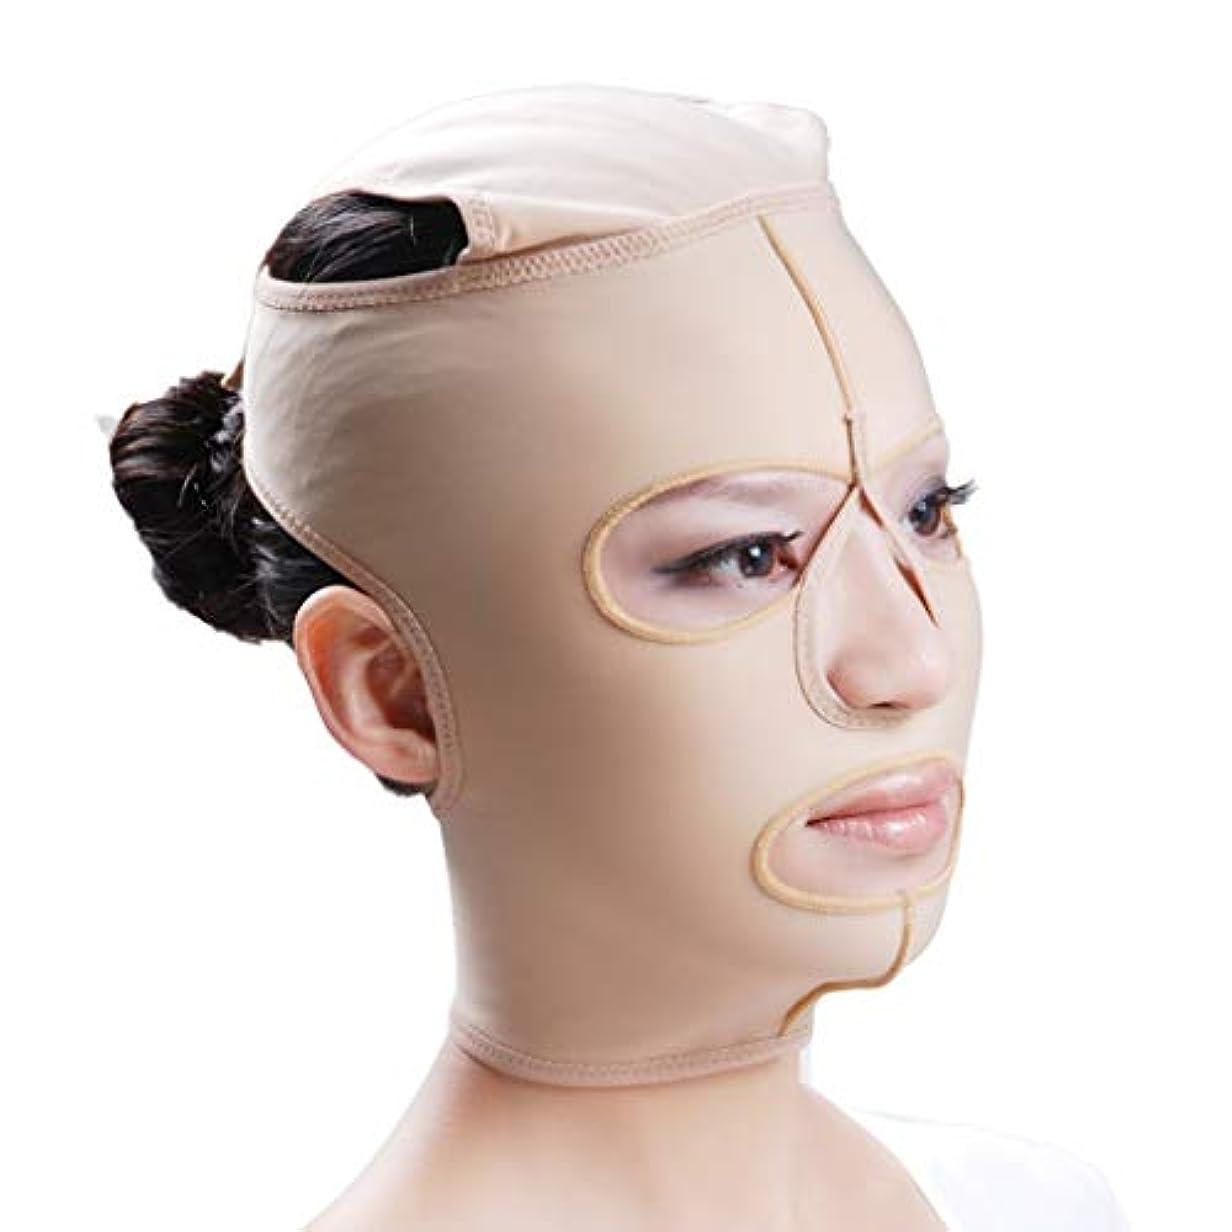 コードシアー属性LJK フェイスリフトマスク、フルフェイスマスク医療グレード圧力フェイスダブルチンプラスチック脂肪吸引術弾性包帯ヘッドギア後の顔の脂肪吸引術 (Size : M)